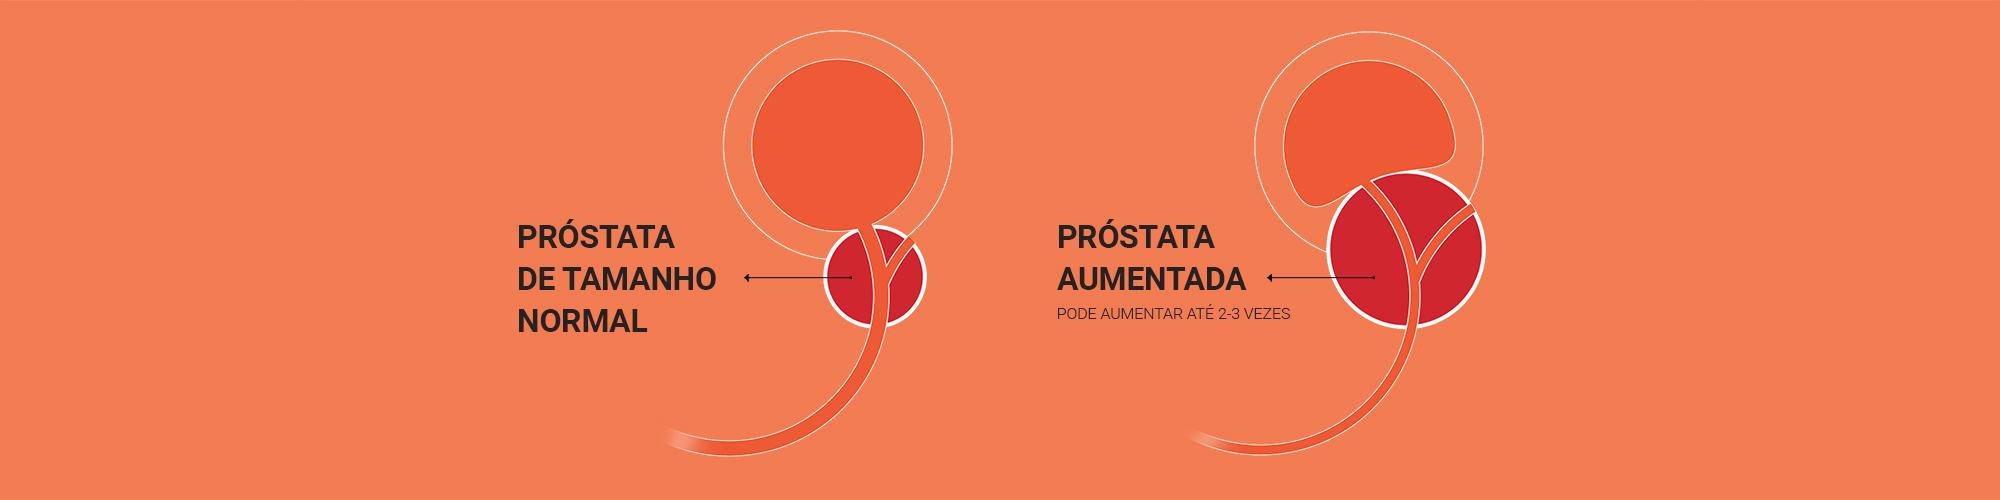 Aumento da próstata: quais os sintomas e como reconhecer